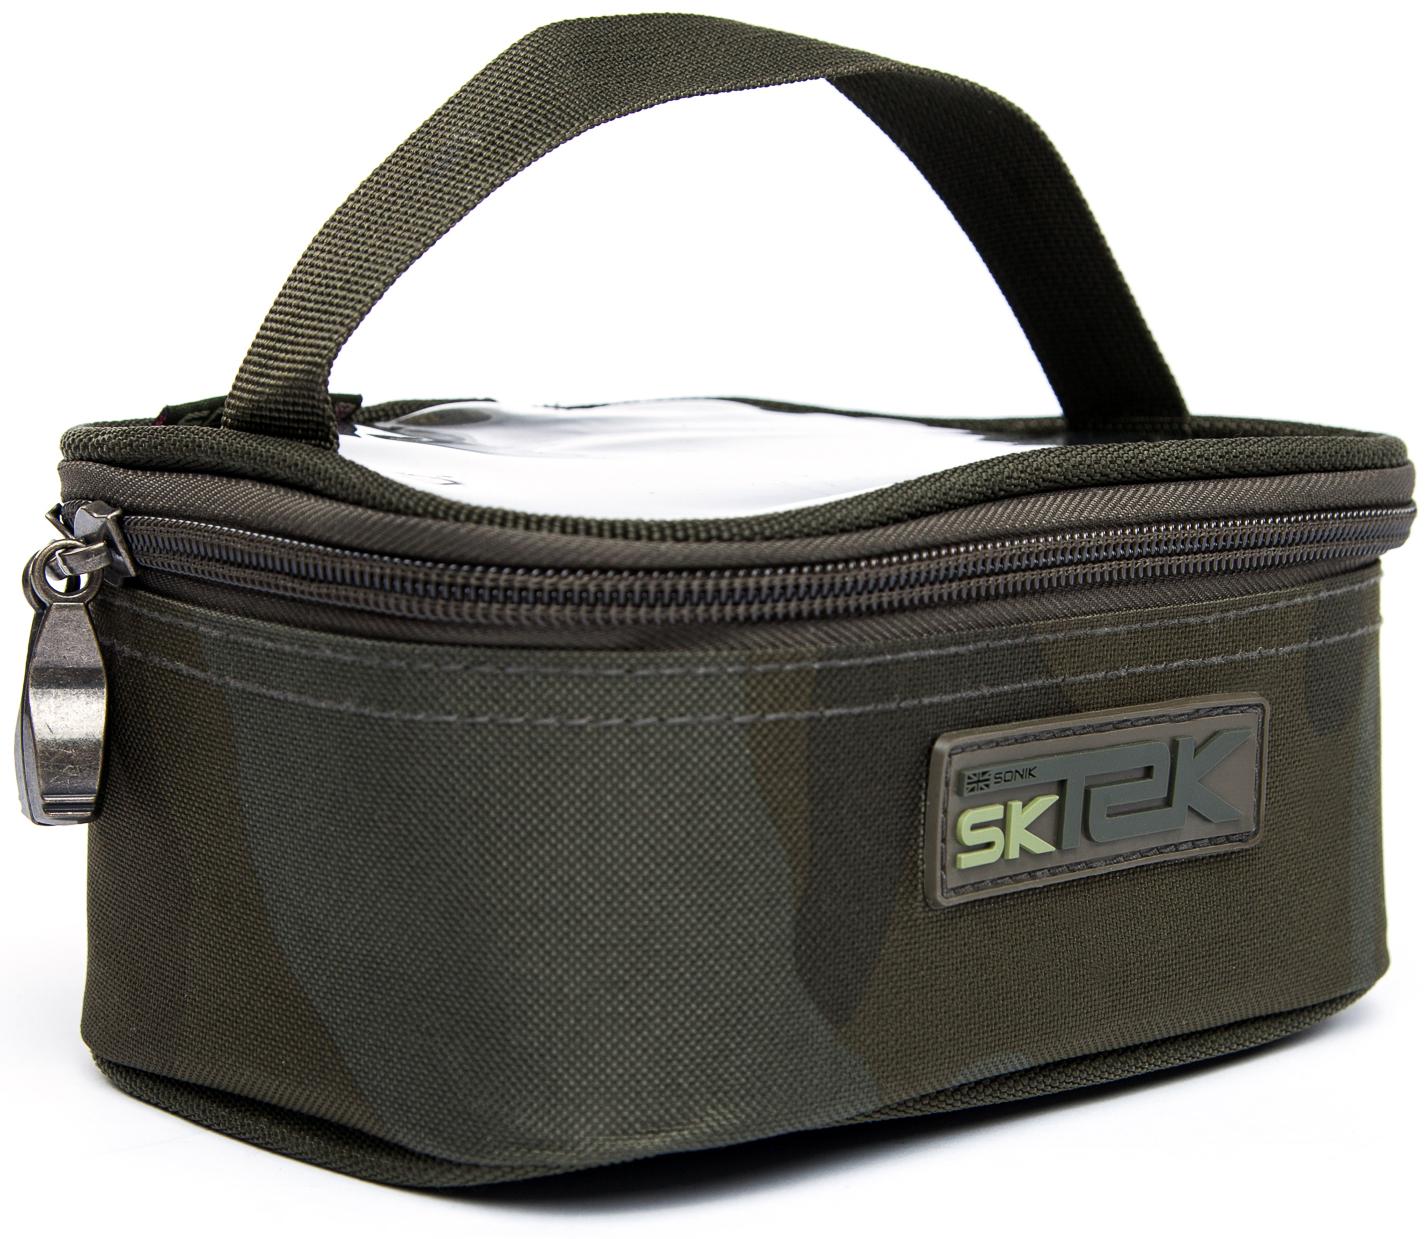 Sonik SK-TEK Accessory Pouch Large